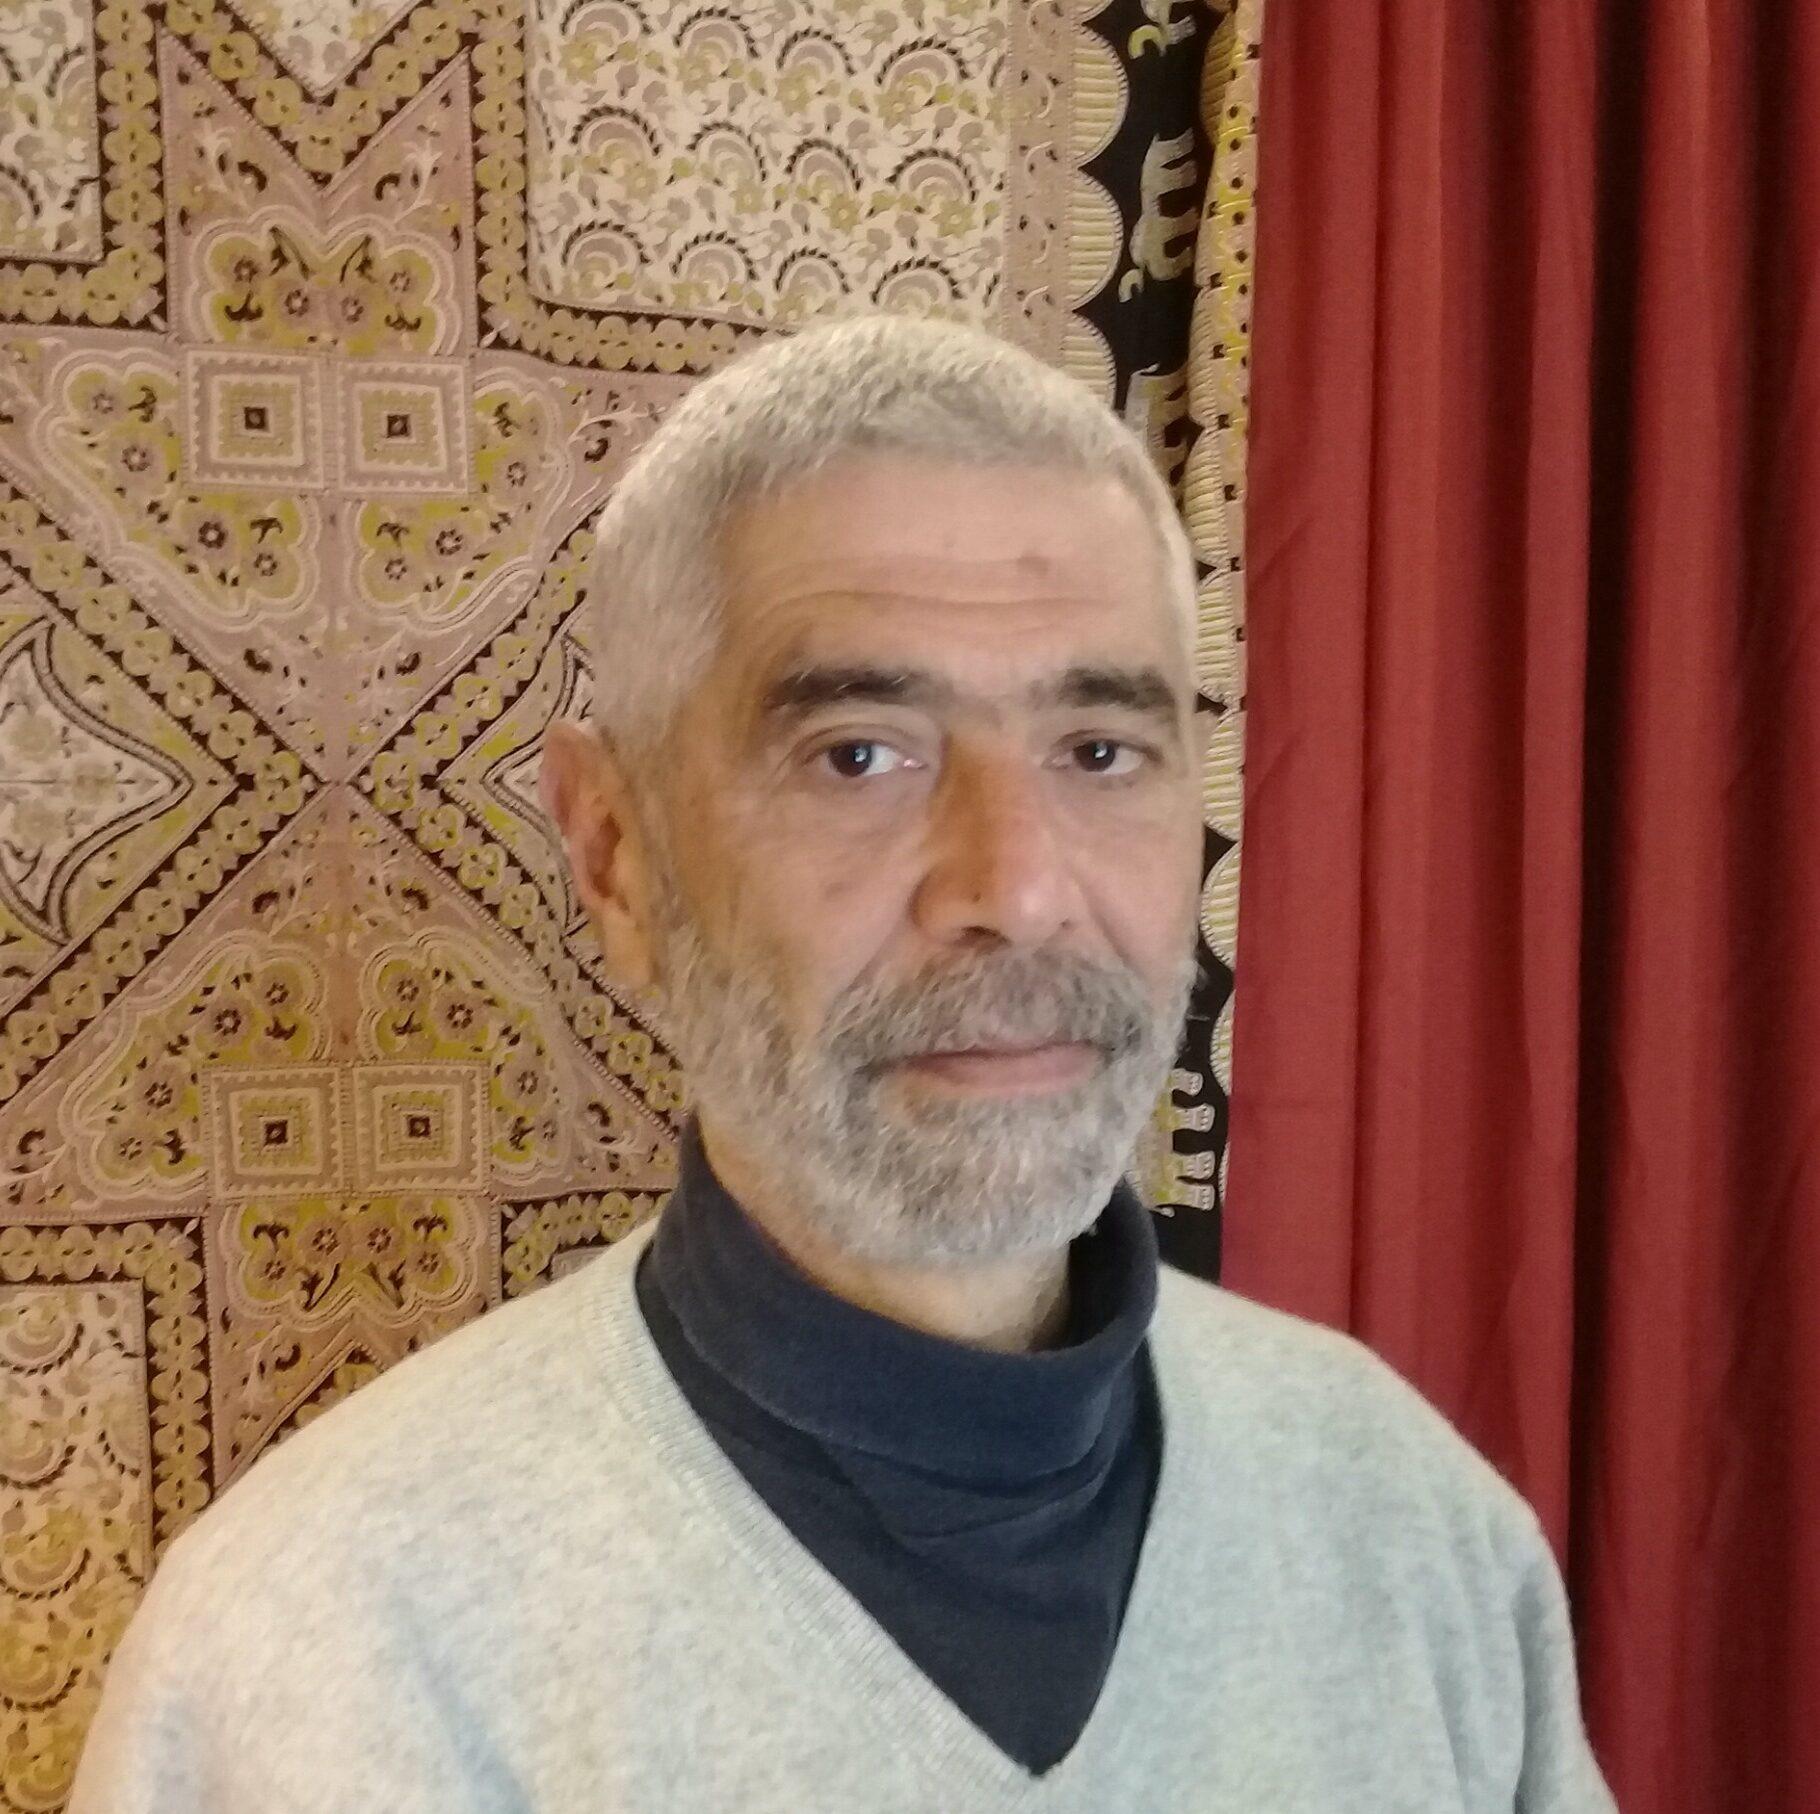 SEMILLAS PARA EL ARCA Integrando Relatos para la Nueva Humanidad. Roberto Pitluk